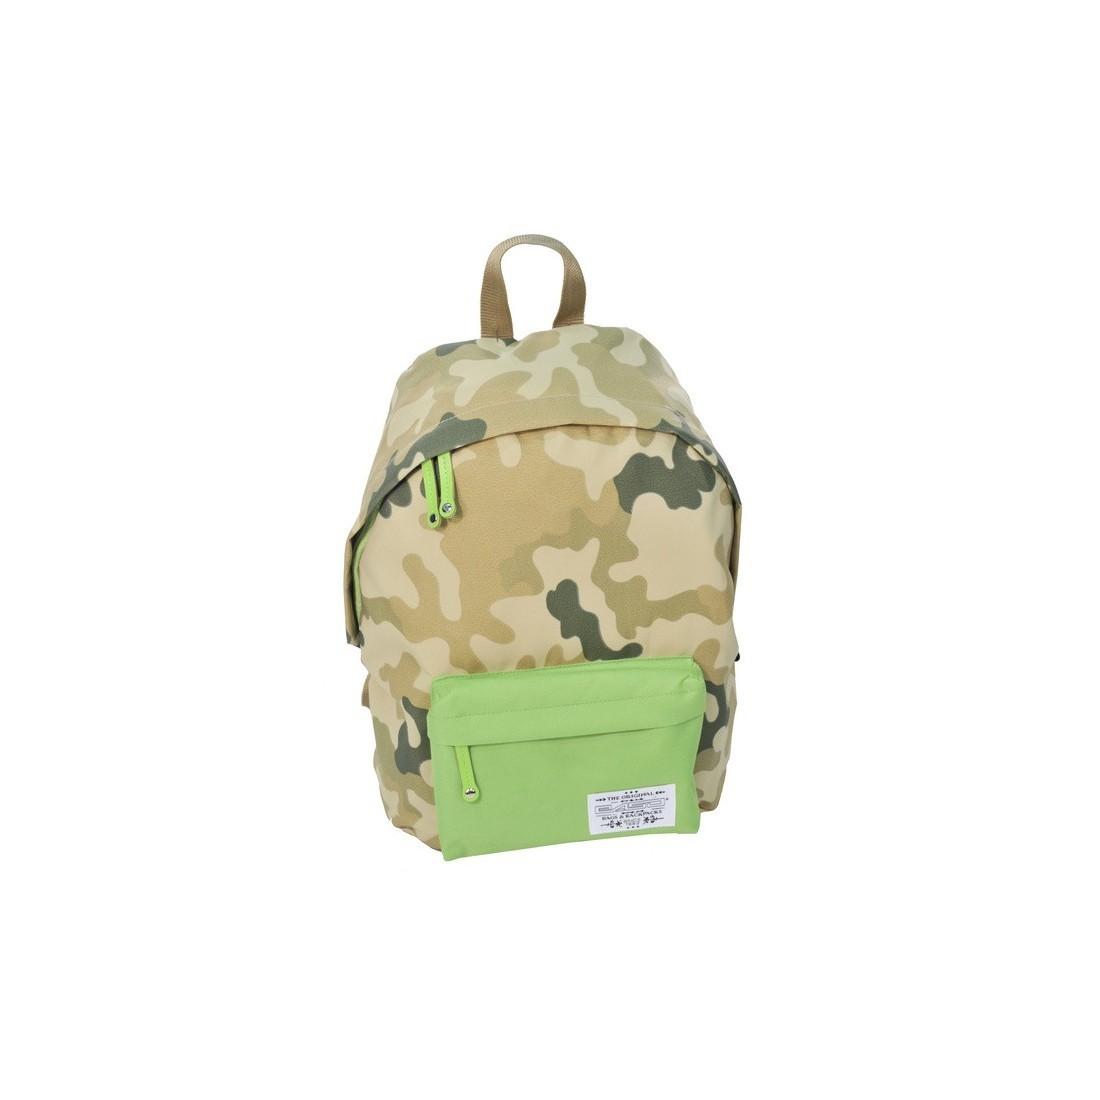 Plecak młodzieżowy Moro Khaki zielony - plecak-tornister.pl